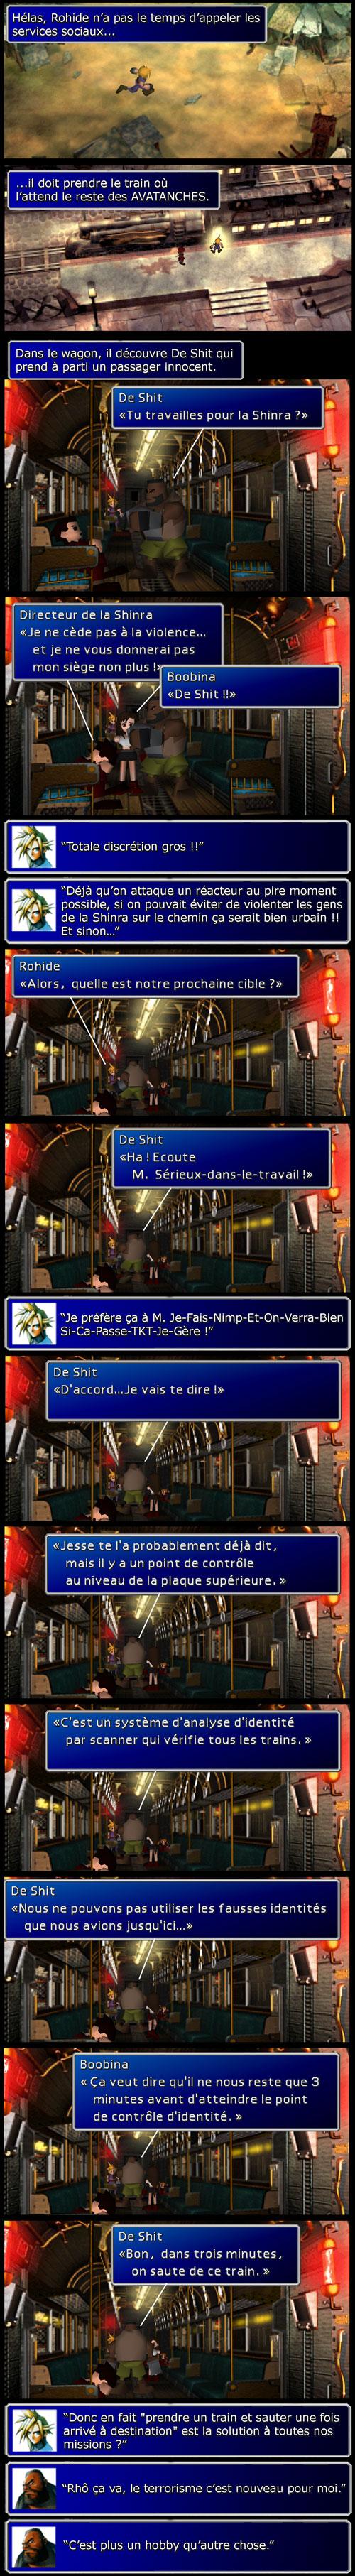 Final fantasy 7 : Dans le train en route vers le réacteur 5